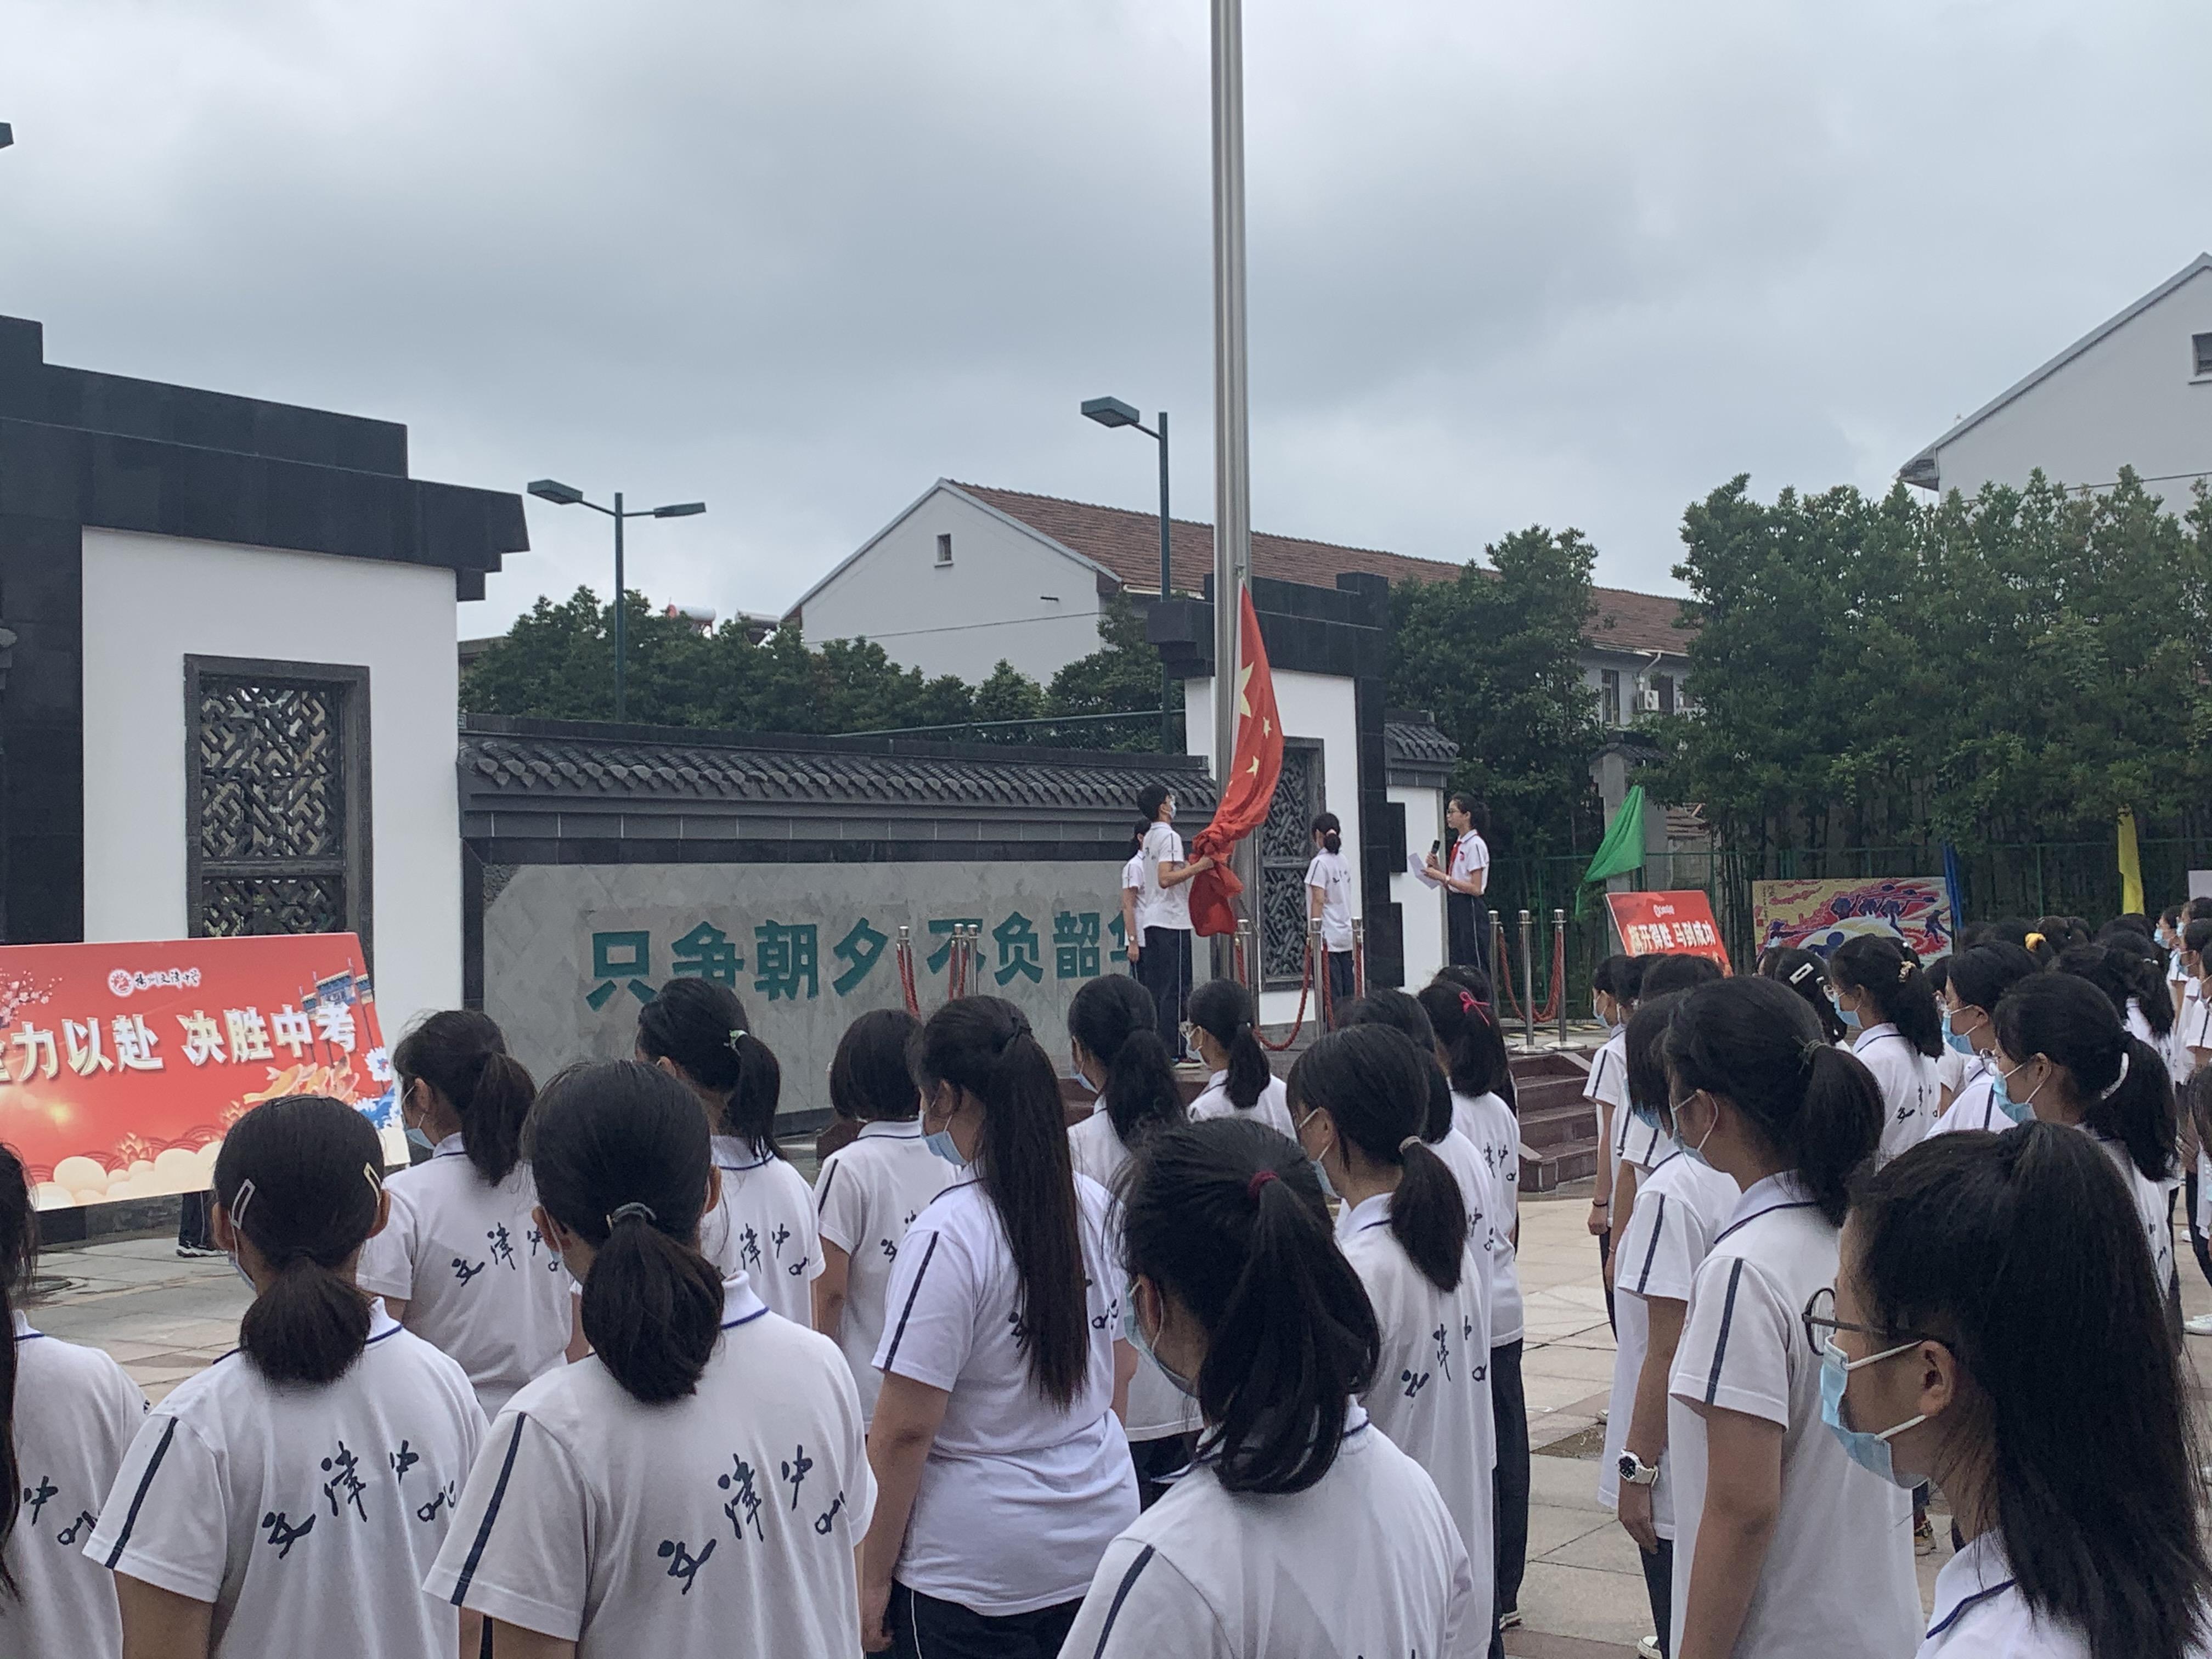 只争朝夕不负韶华 文津中学举行初三升旗仪式